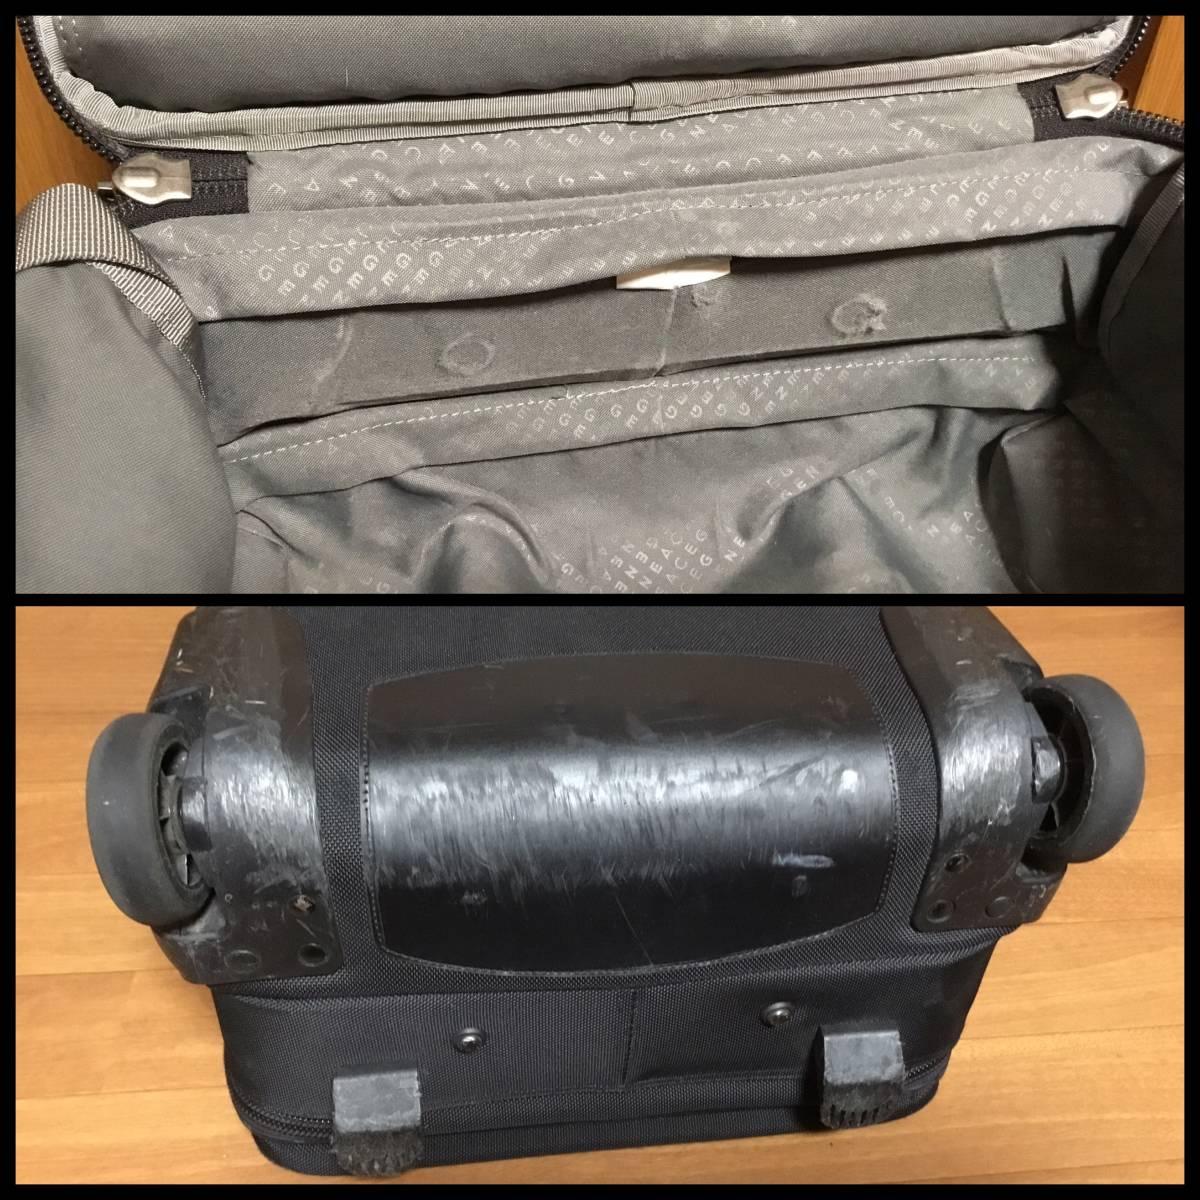 ACE GENE(エースジーン)ビジネスキャリーバッグ(スーツケース)品番65132_画像6